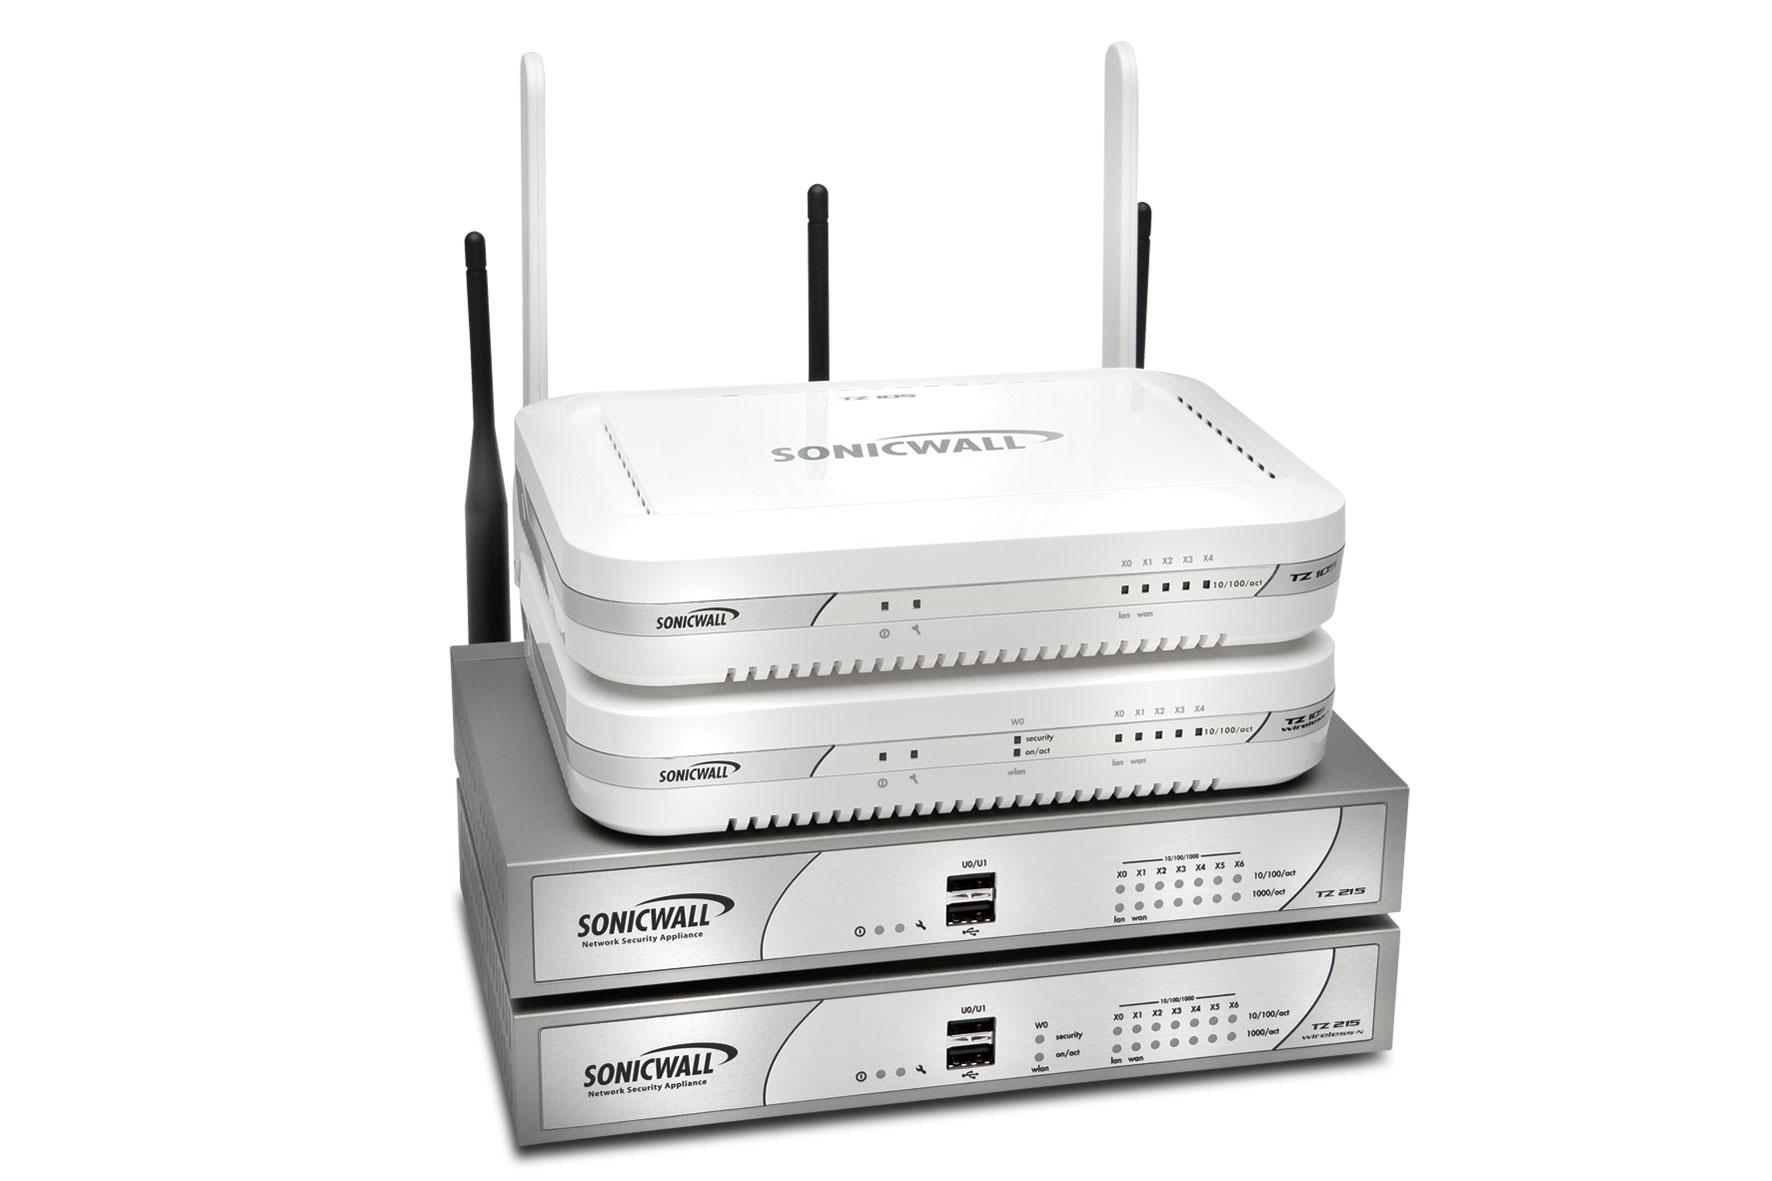 Dell SonicWALL: nowa jakość współpracy w zakresie bezpieczeństwa